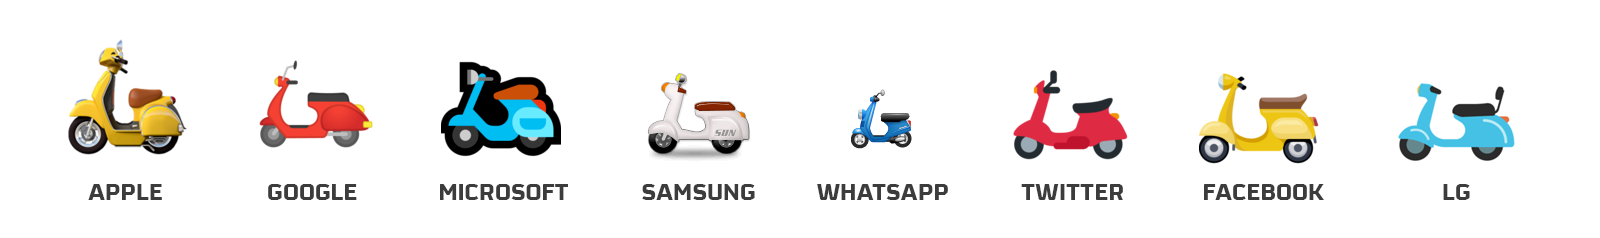 emojis scooter